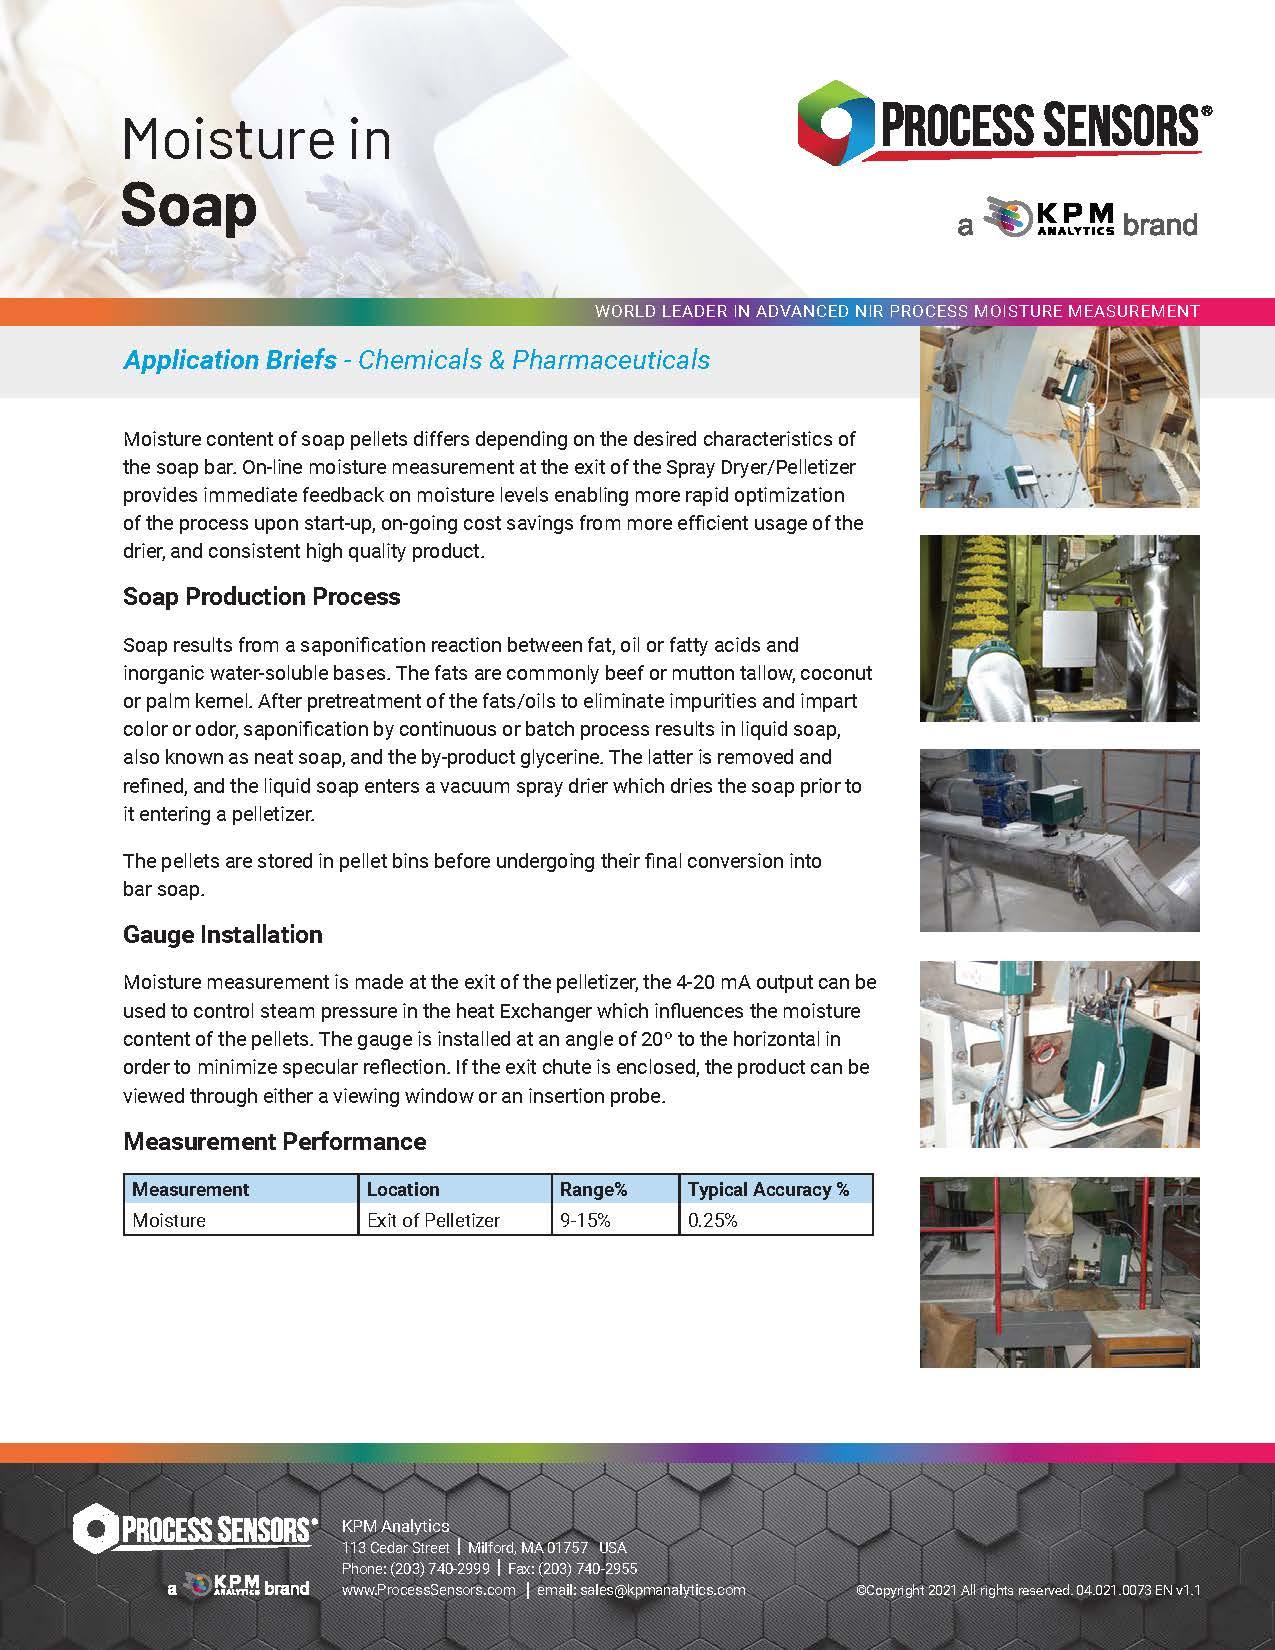 Moisture in Soap